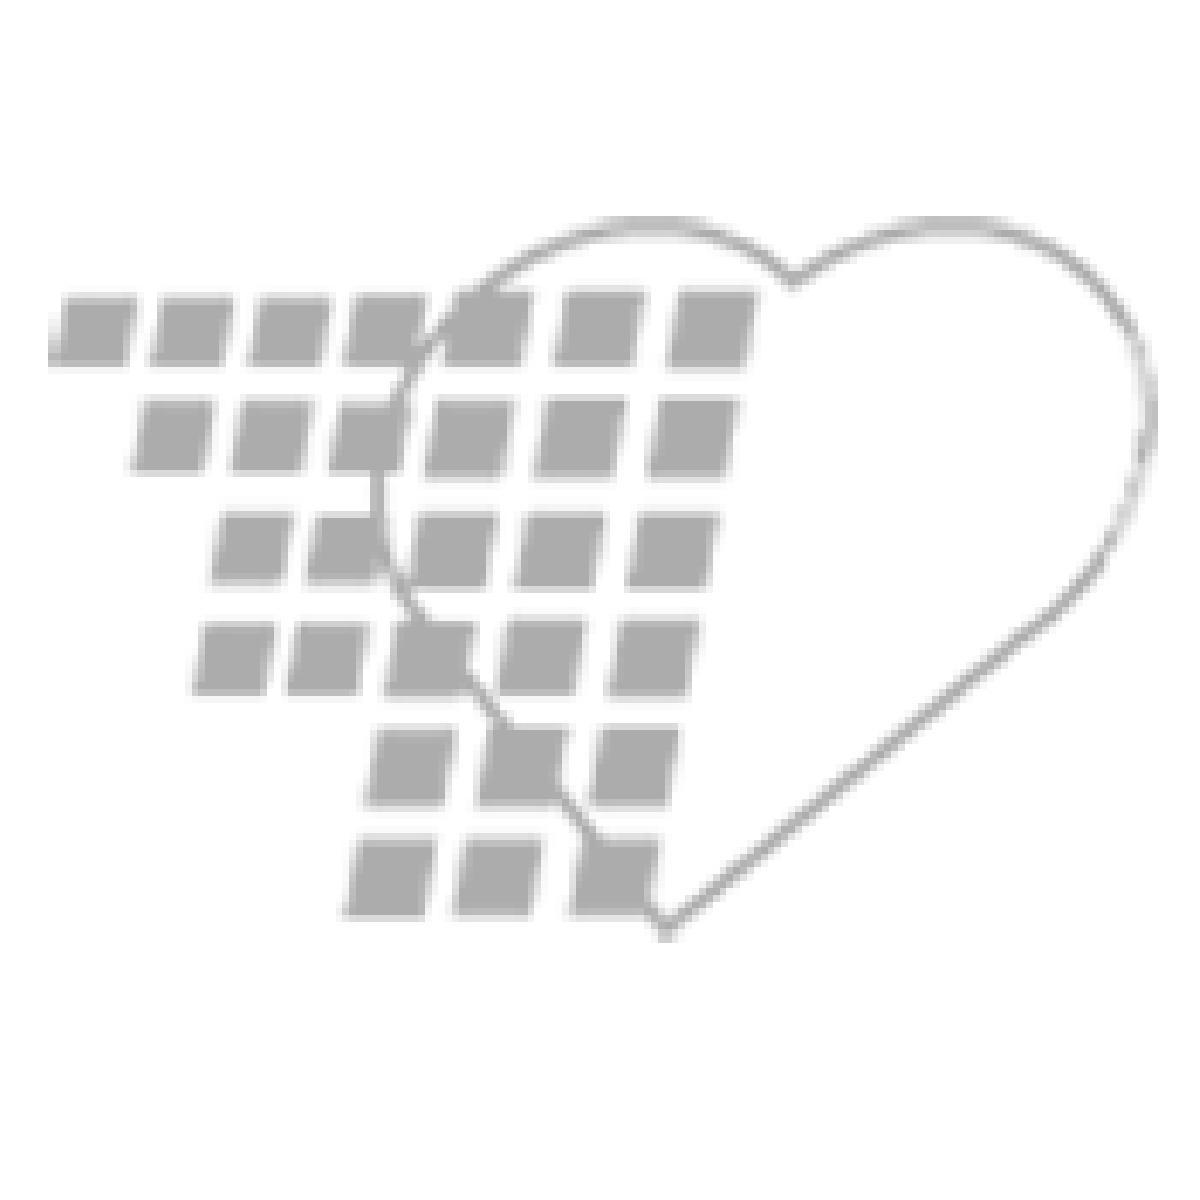 05-84-8738 Graham Field Pillow Cover Zipper Closure